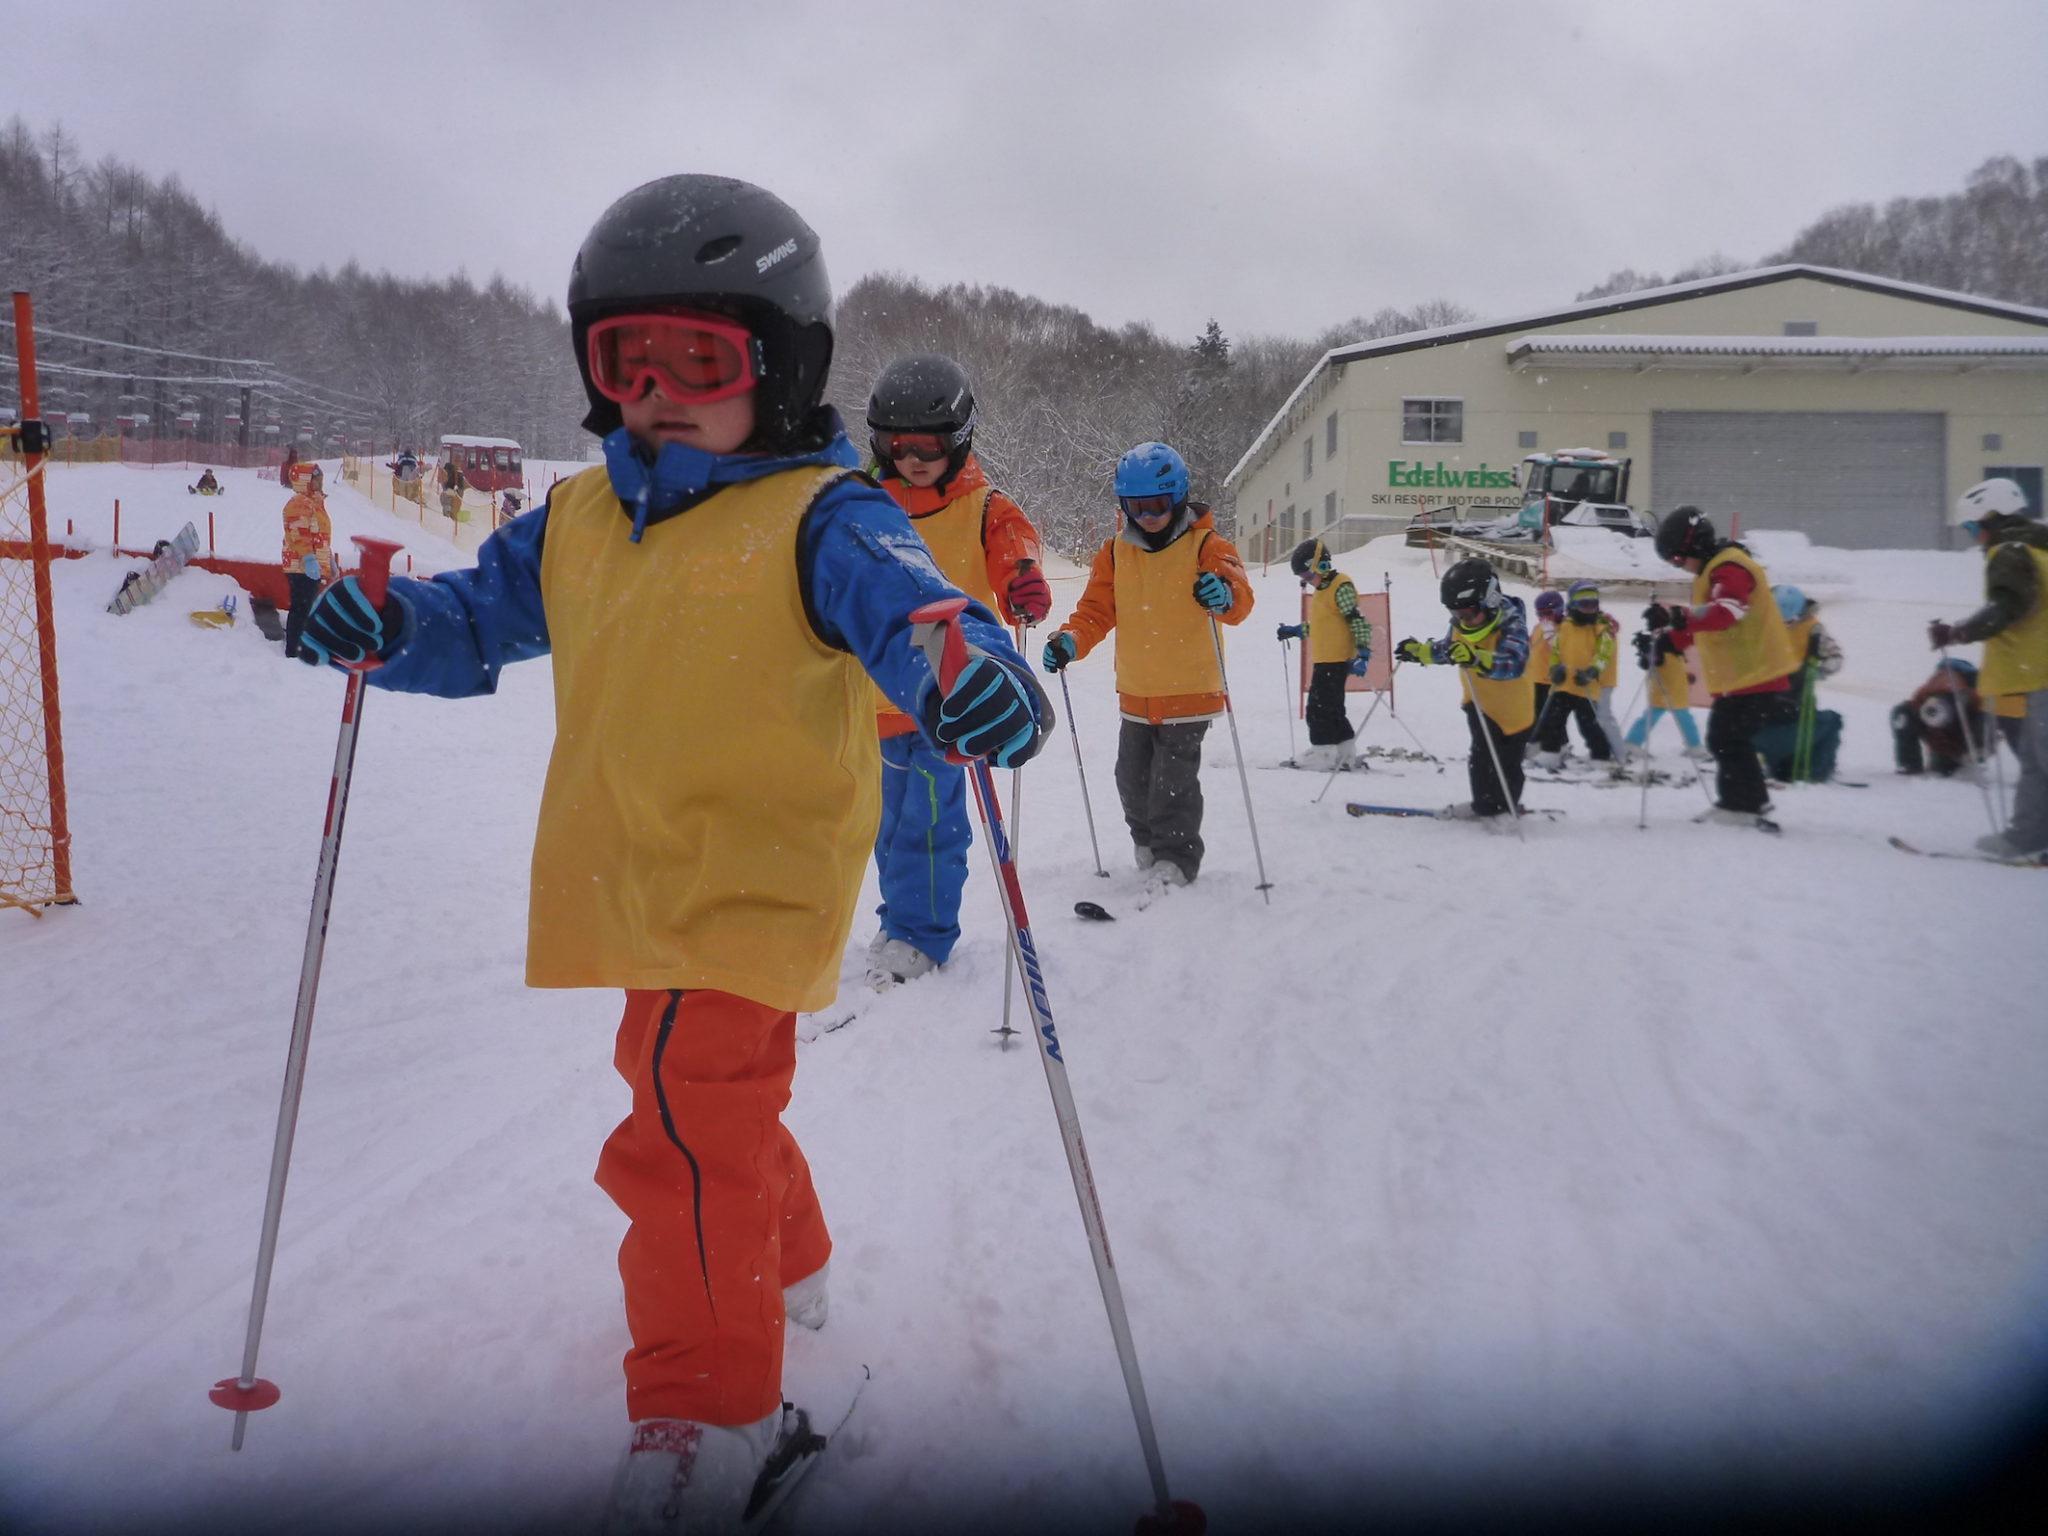 ご好評につき、スキー教室追加開催のお知らせ